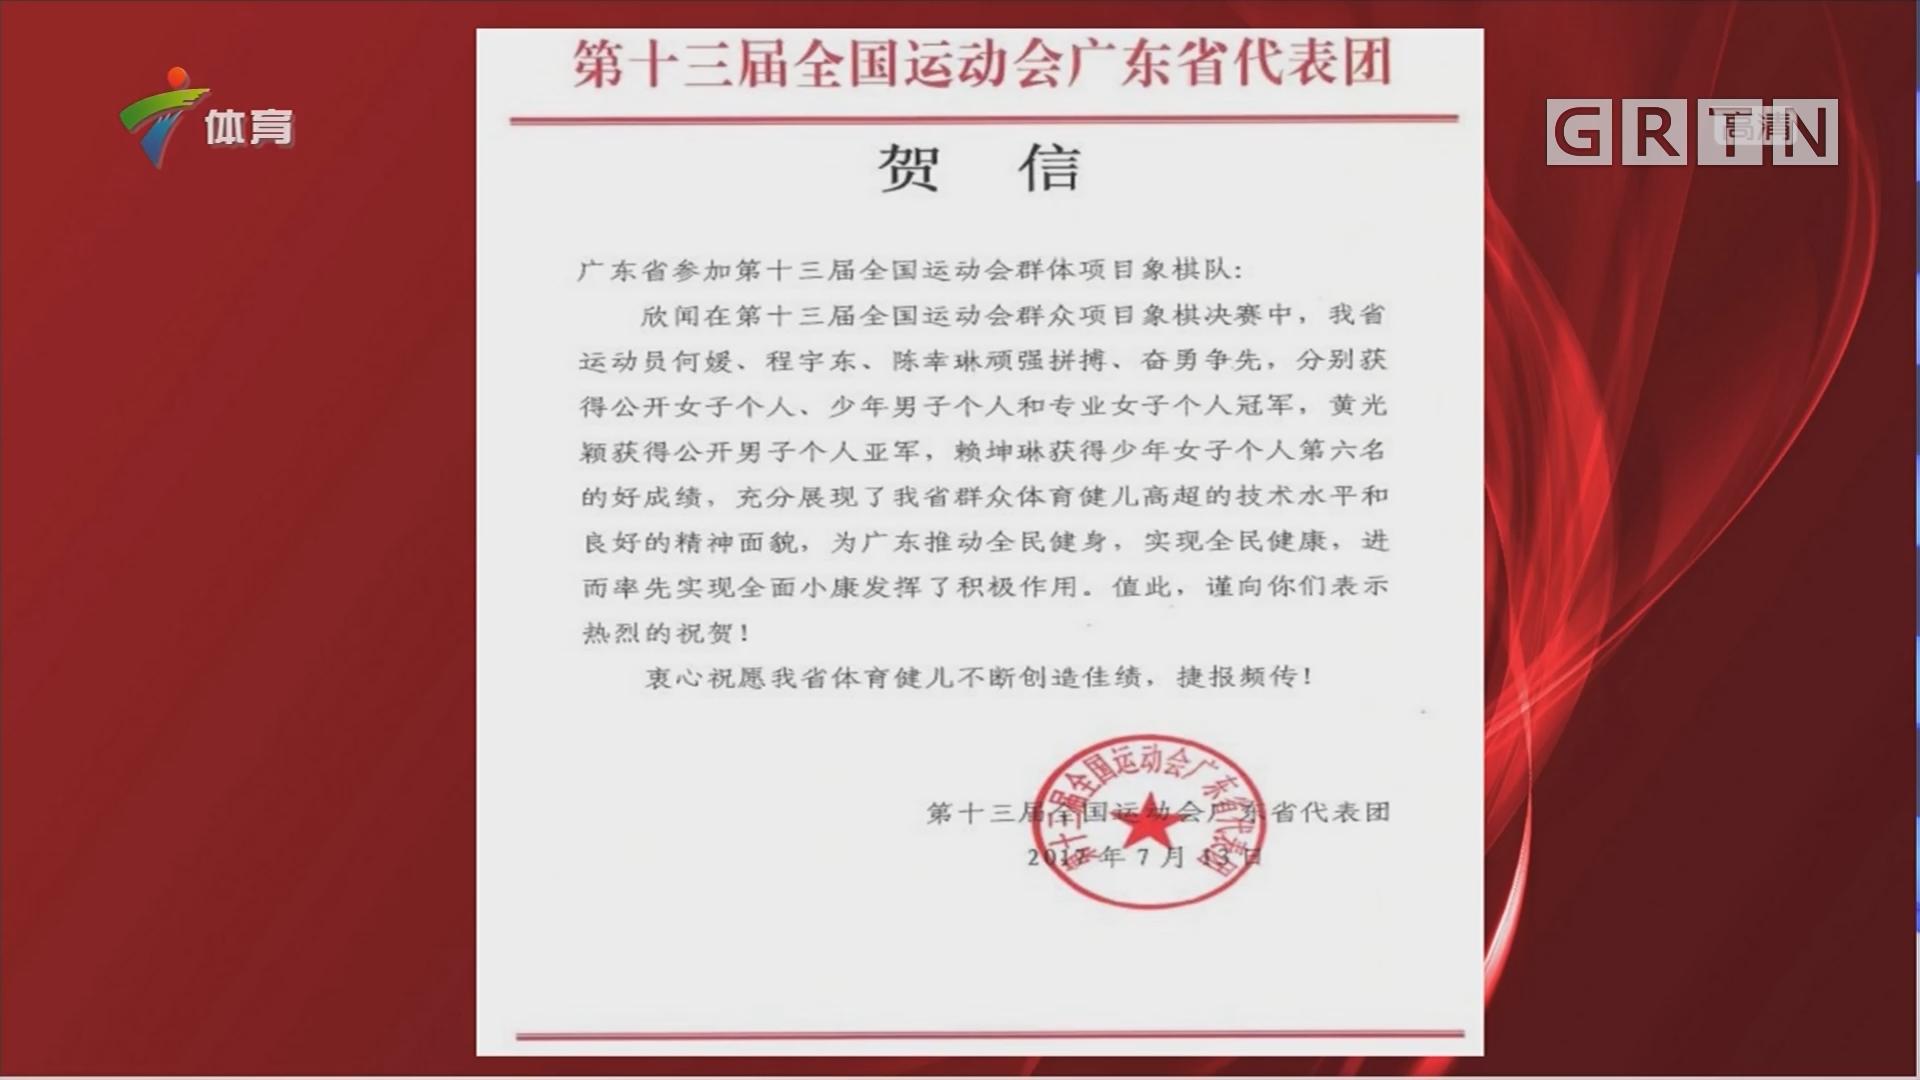 第十三届全国运动会广东省代表团 贺信